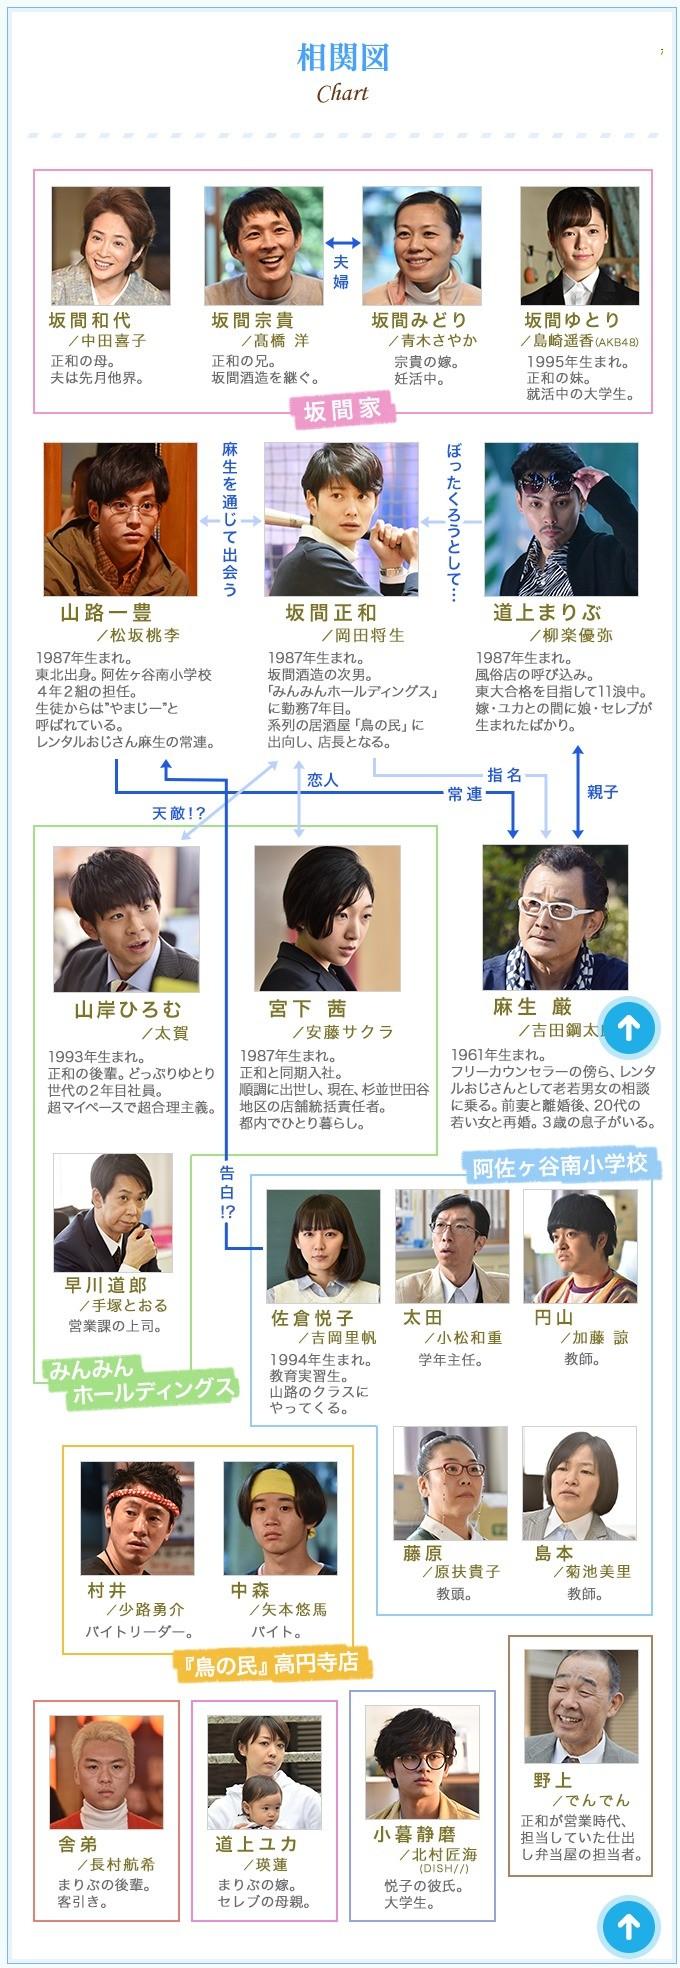 相関図|ゆとりですがなにか|日本テレビ